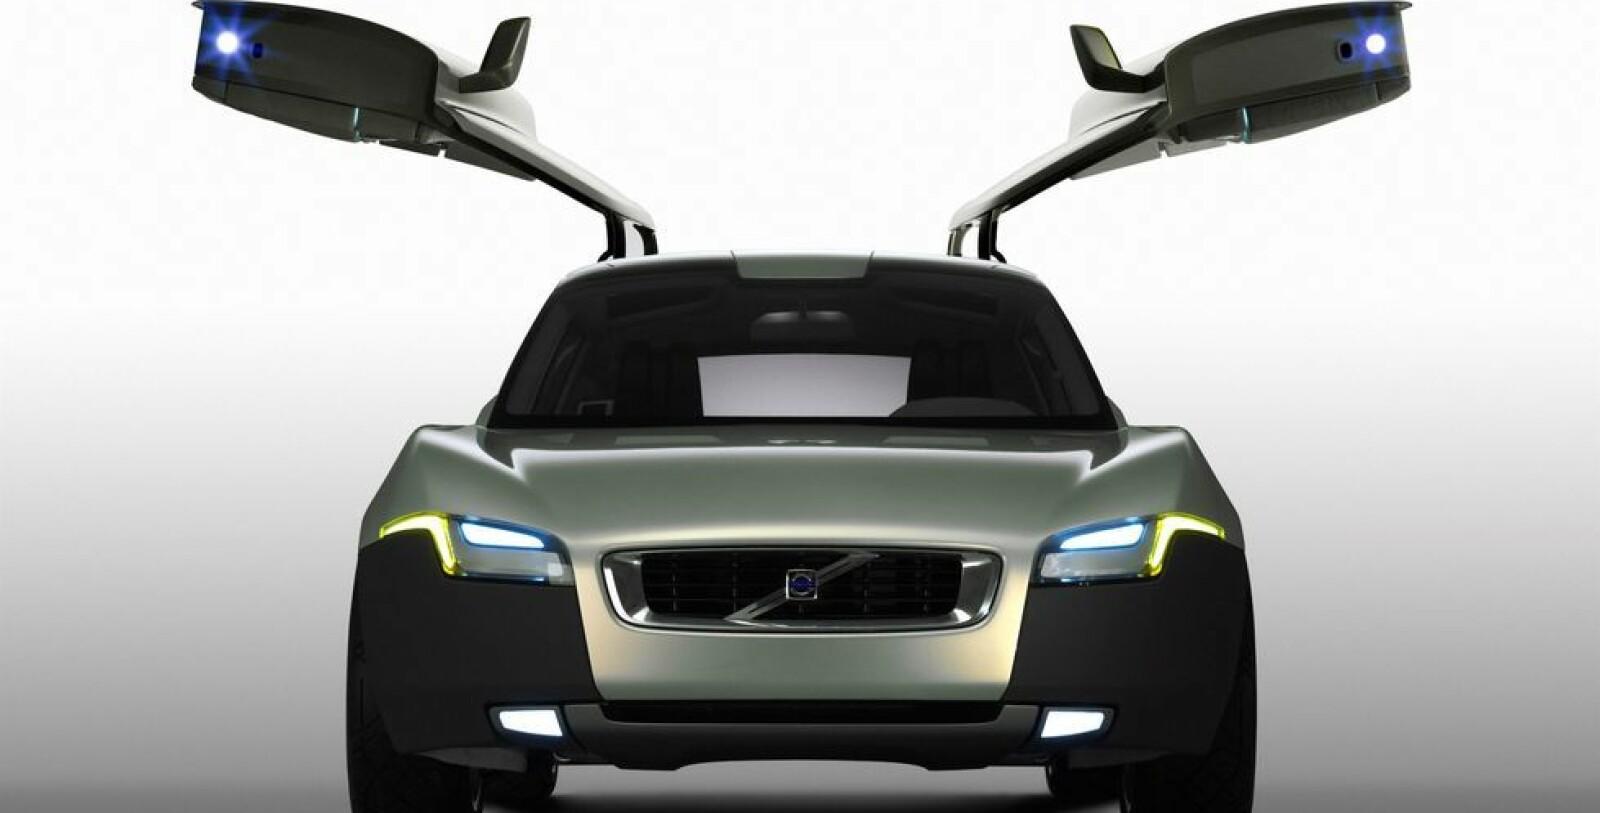 <b><SPAN CLASS=BOLD><STRONG>KVINNEBILEN:</b></strong> </span>Volvo Your Concept Car, også kalt kvinnebilen, fikk stor oppmerksomhet verden over.